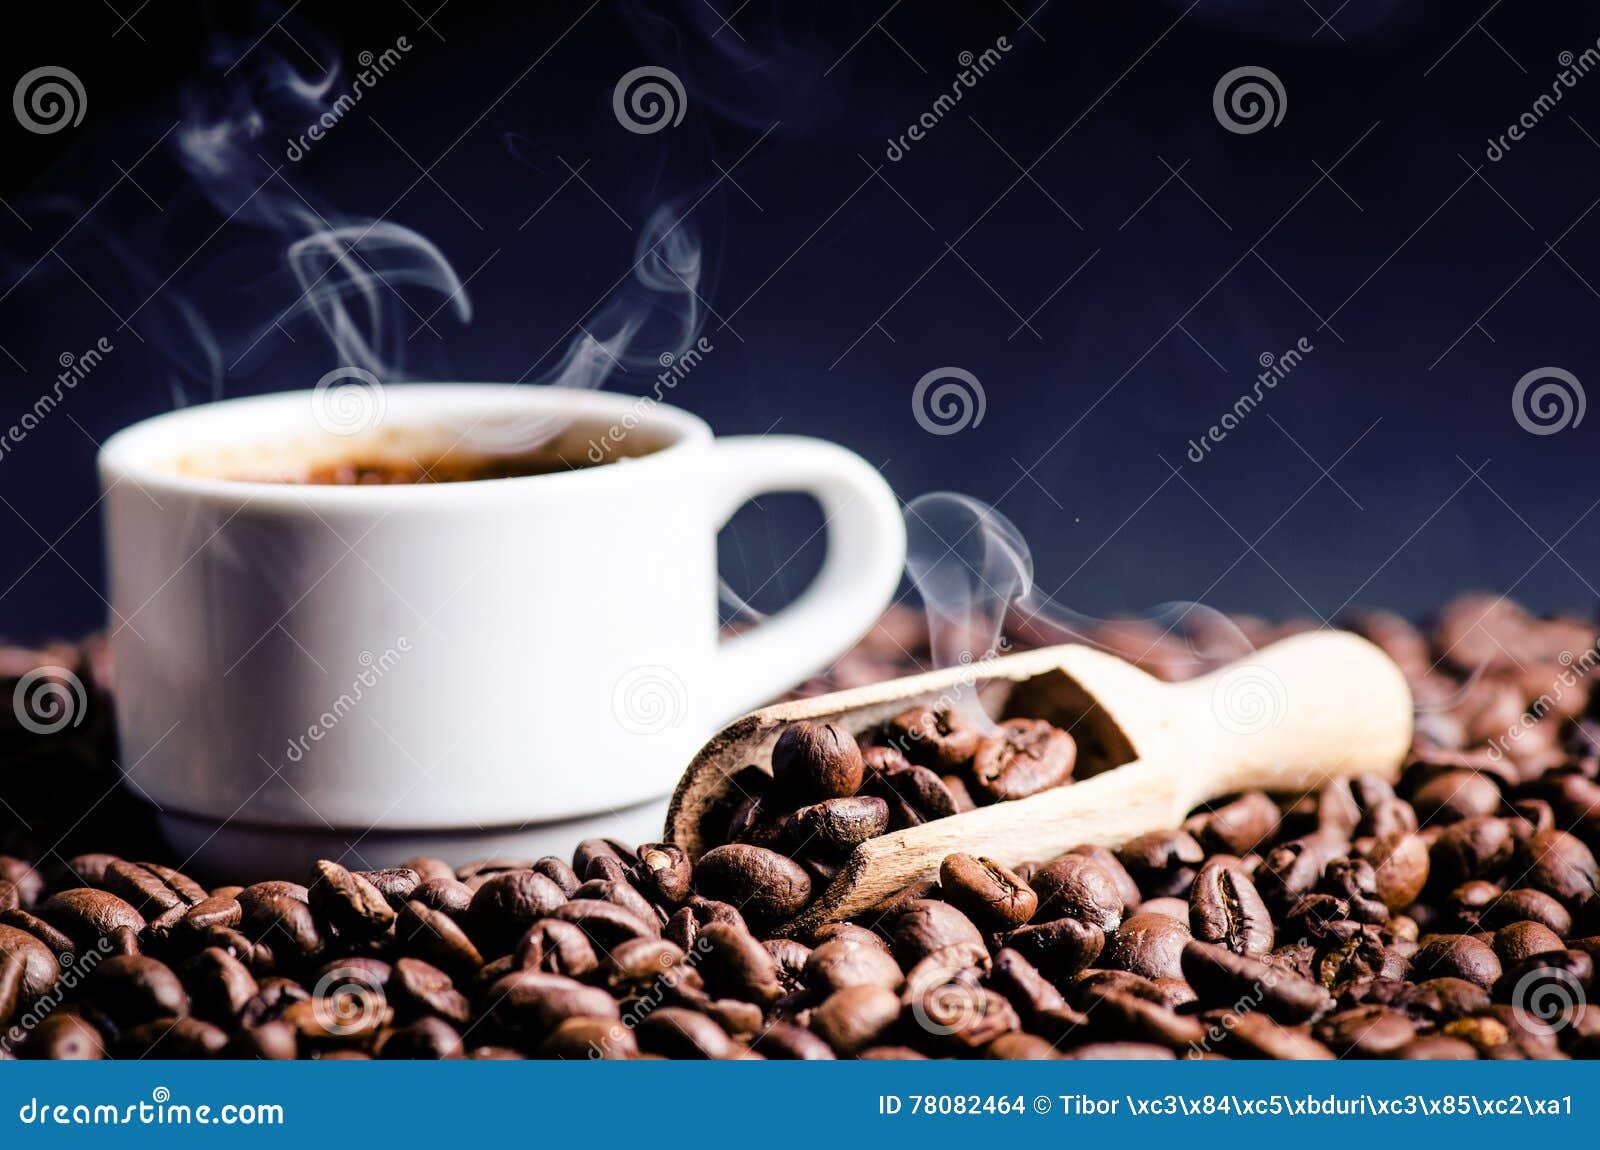 Sked av kaffebönor Bakgrund Energi rått bönakaffe Grained produkt varm drink close upp plockning Naturlig bakgrund